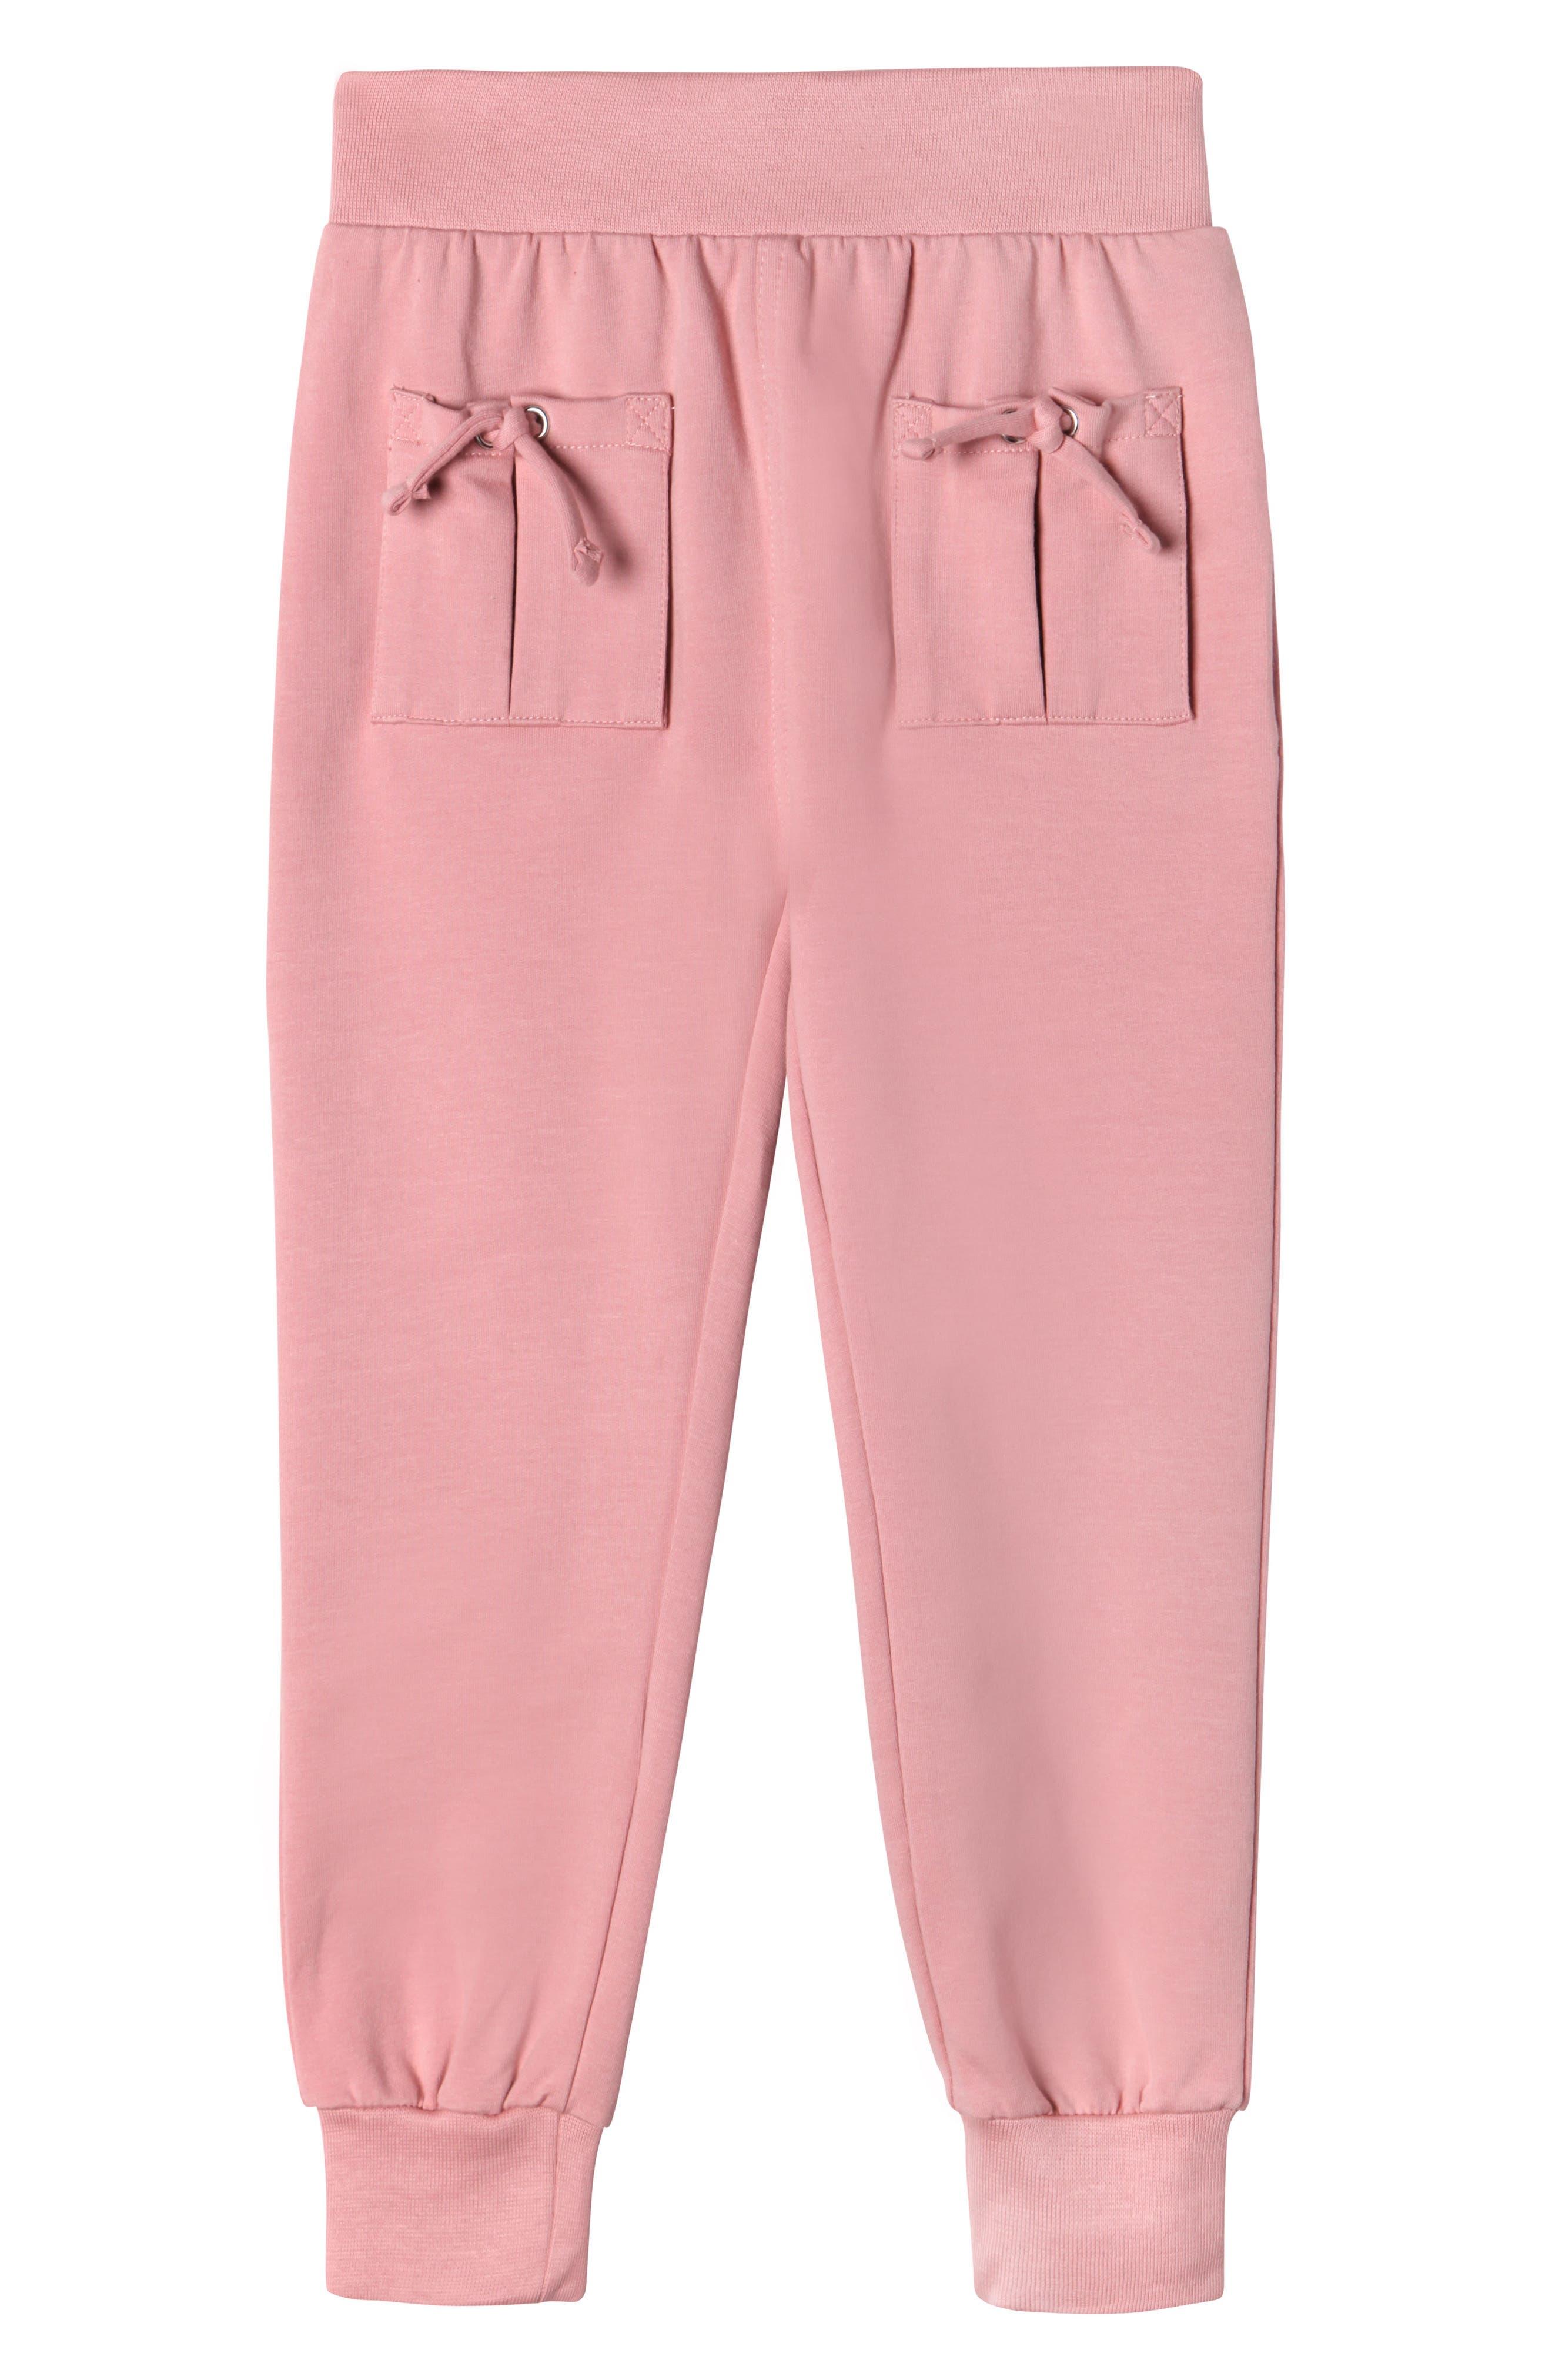 Aubrey Tie Pocket Sweatpants,                             Main thumbnail 1, color,                             680